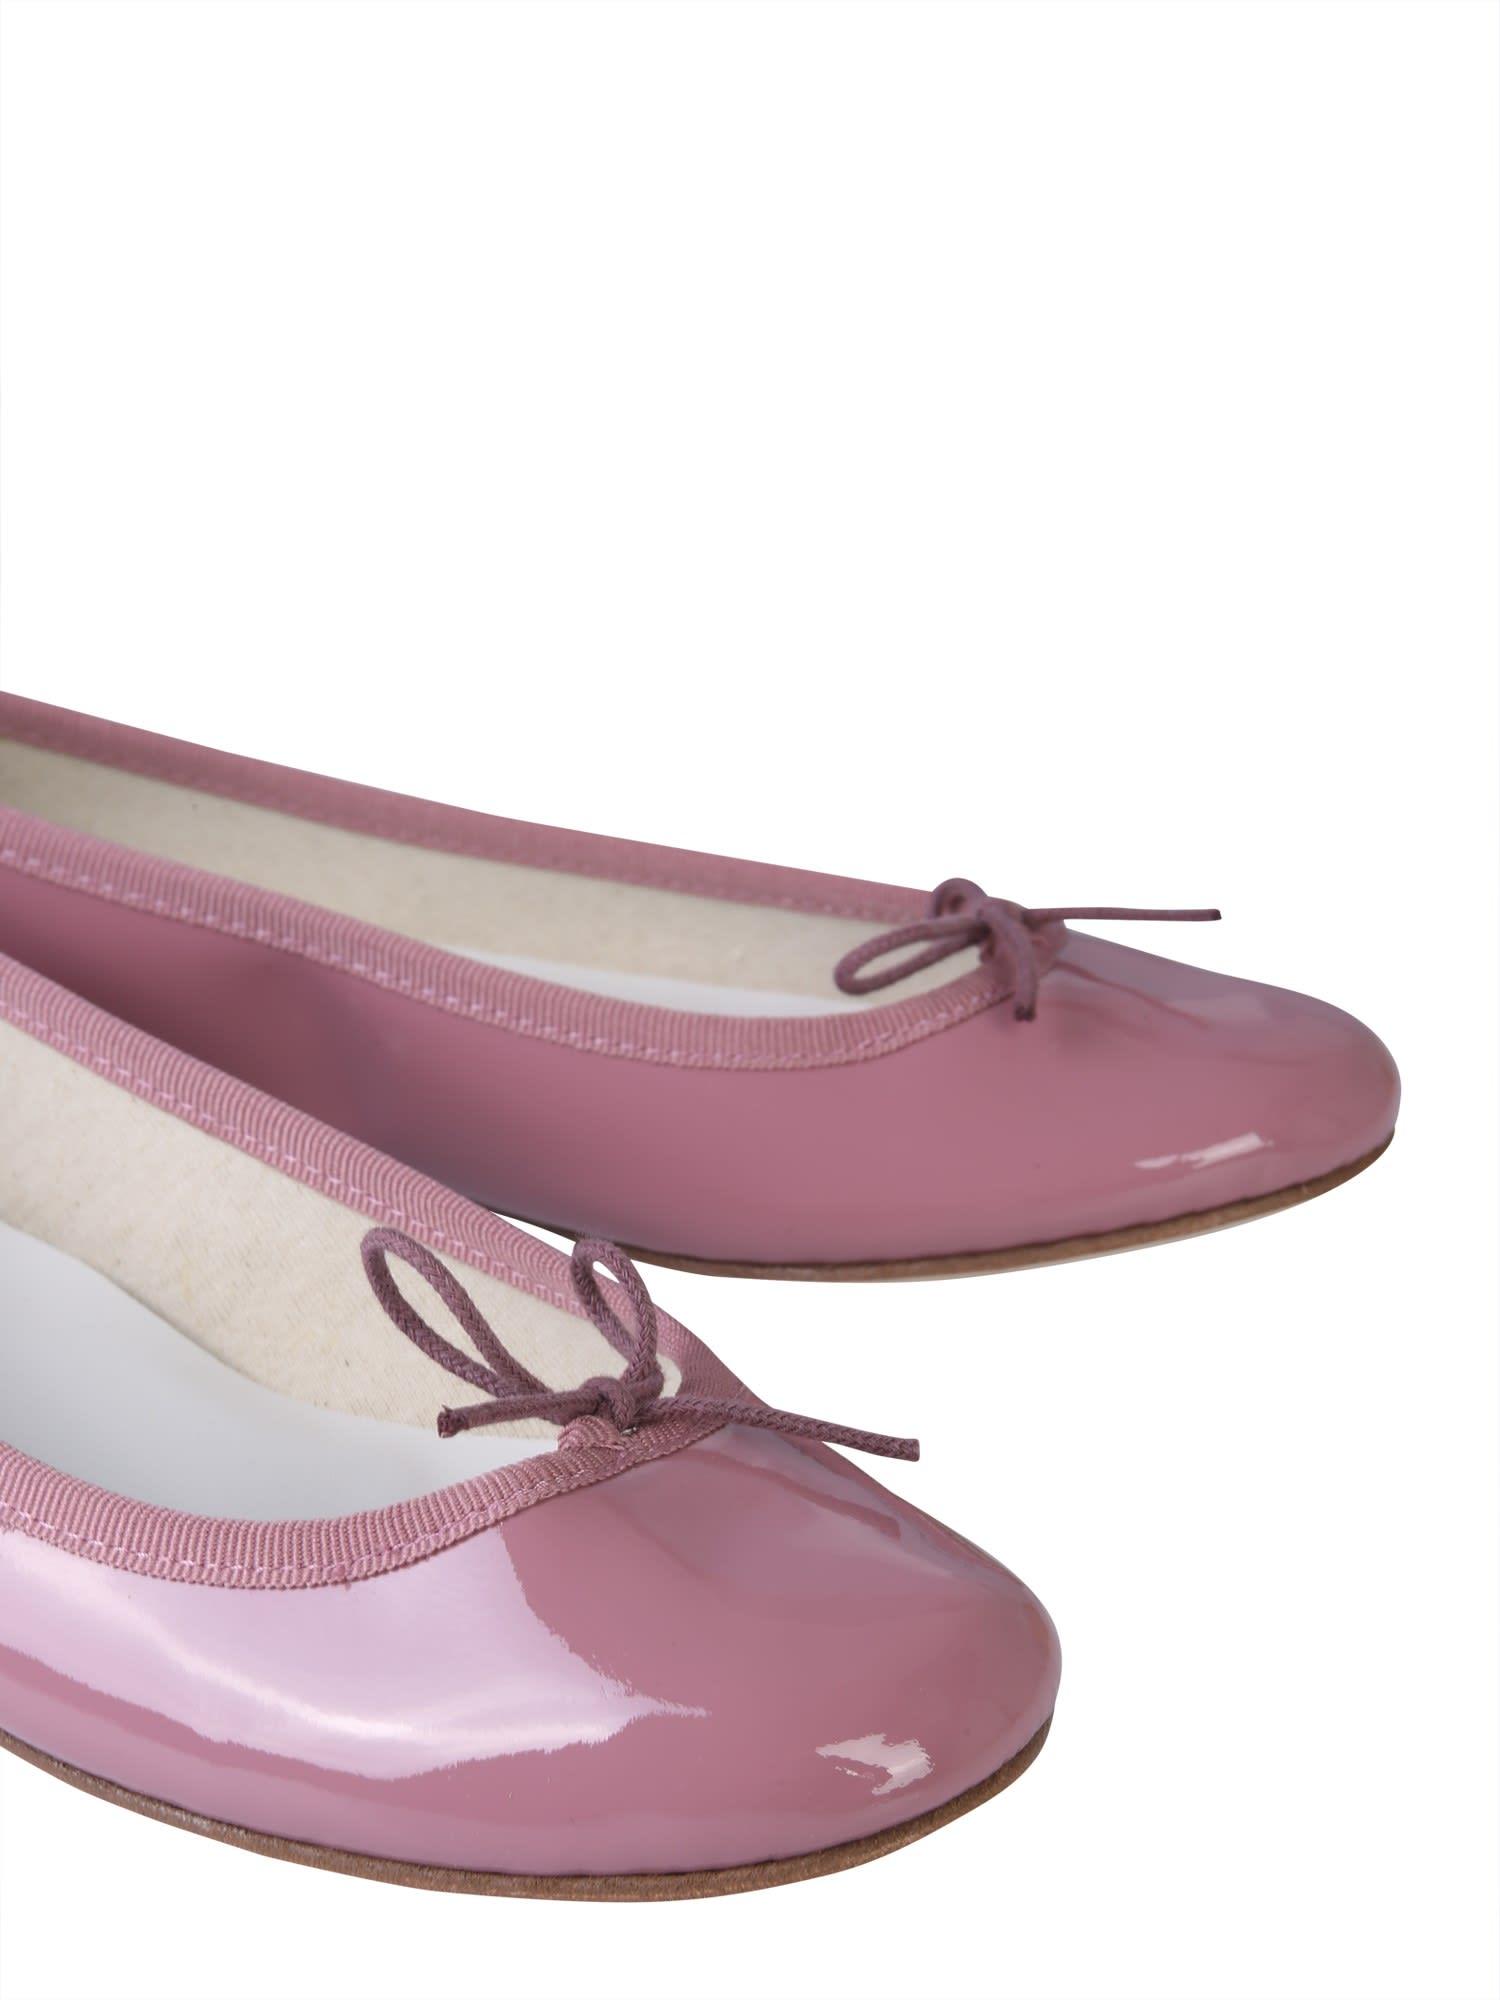 best service acc1e 6bf14 Repetto Cinderella Ballerina